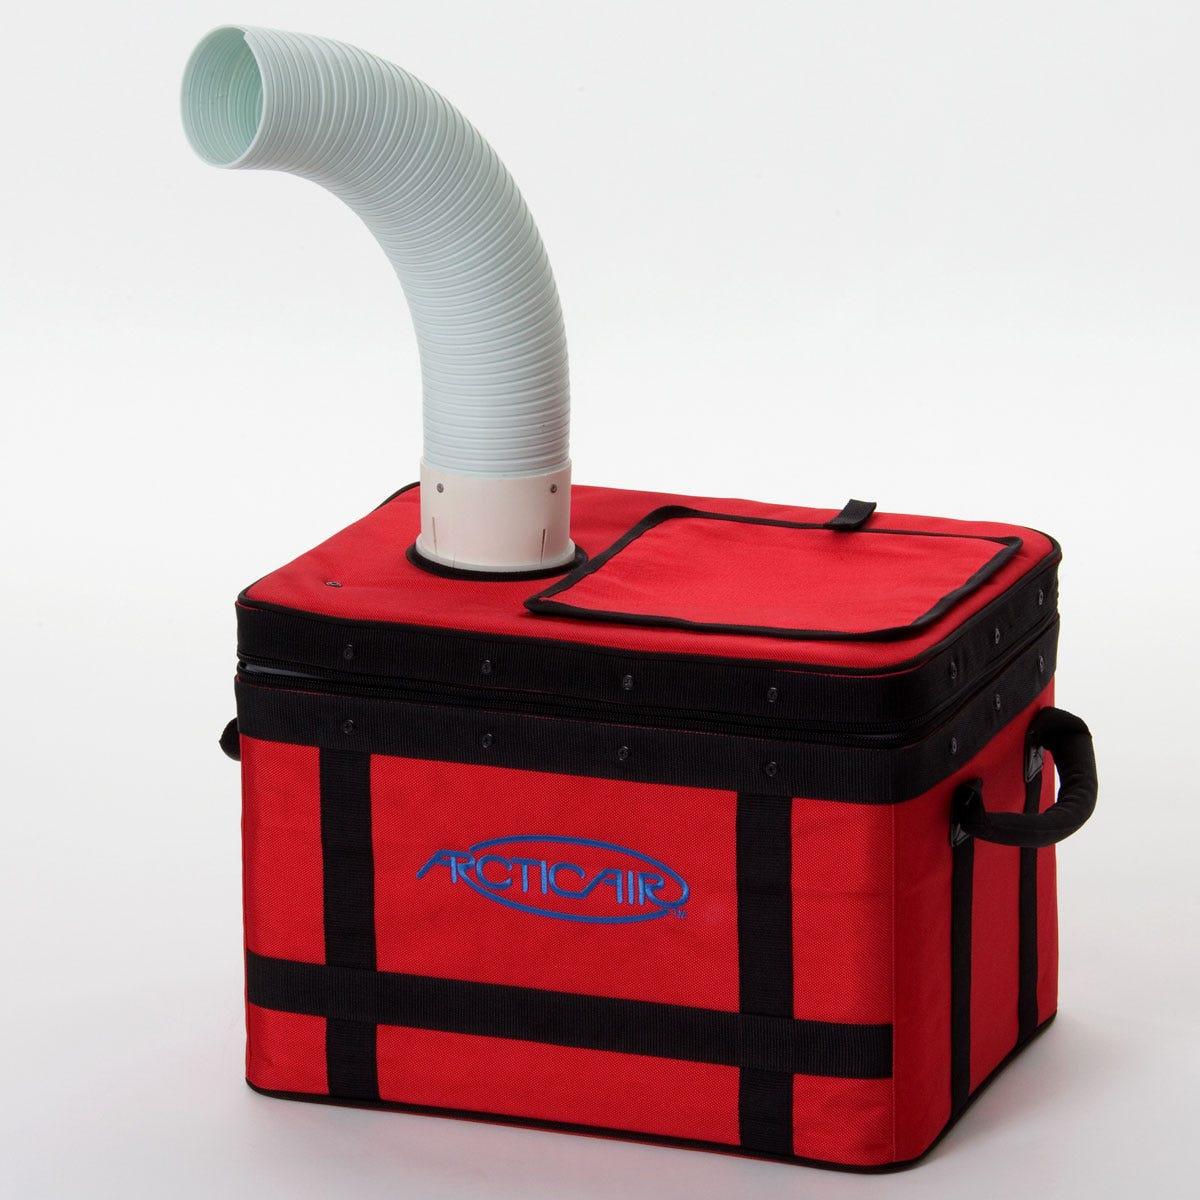 more photos - Air Conditioner Portable